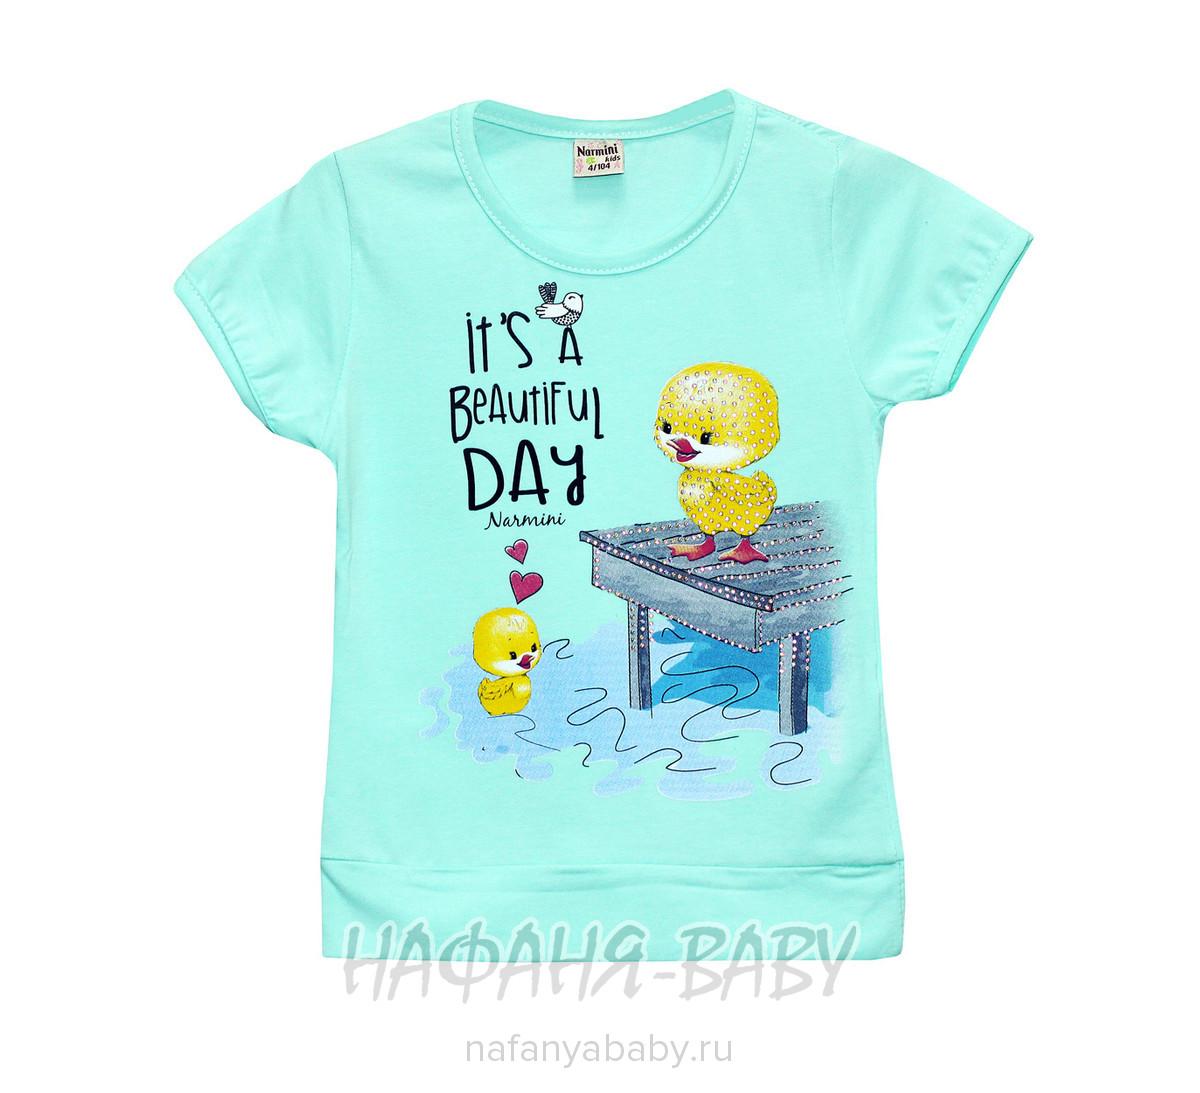 Детская футболка NARMINI арт: 5535, 1-4 года, оптом Турция